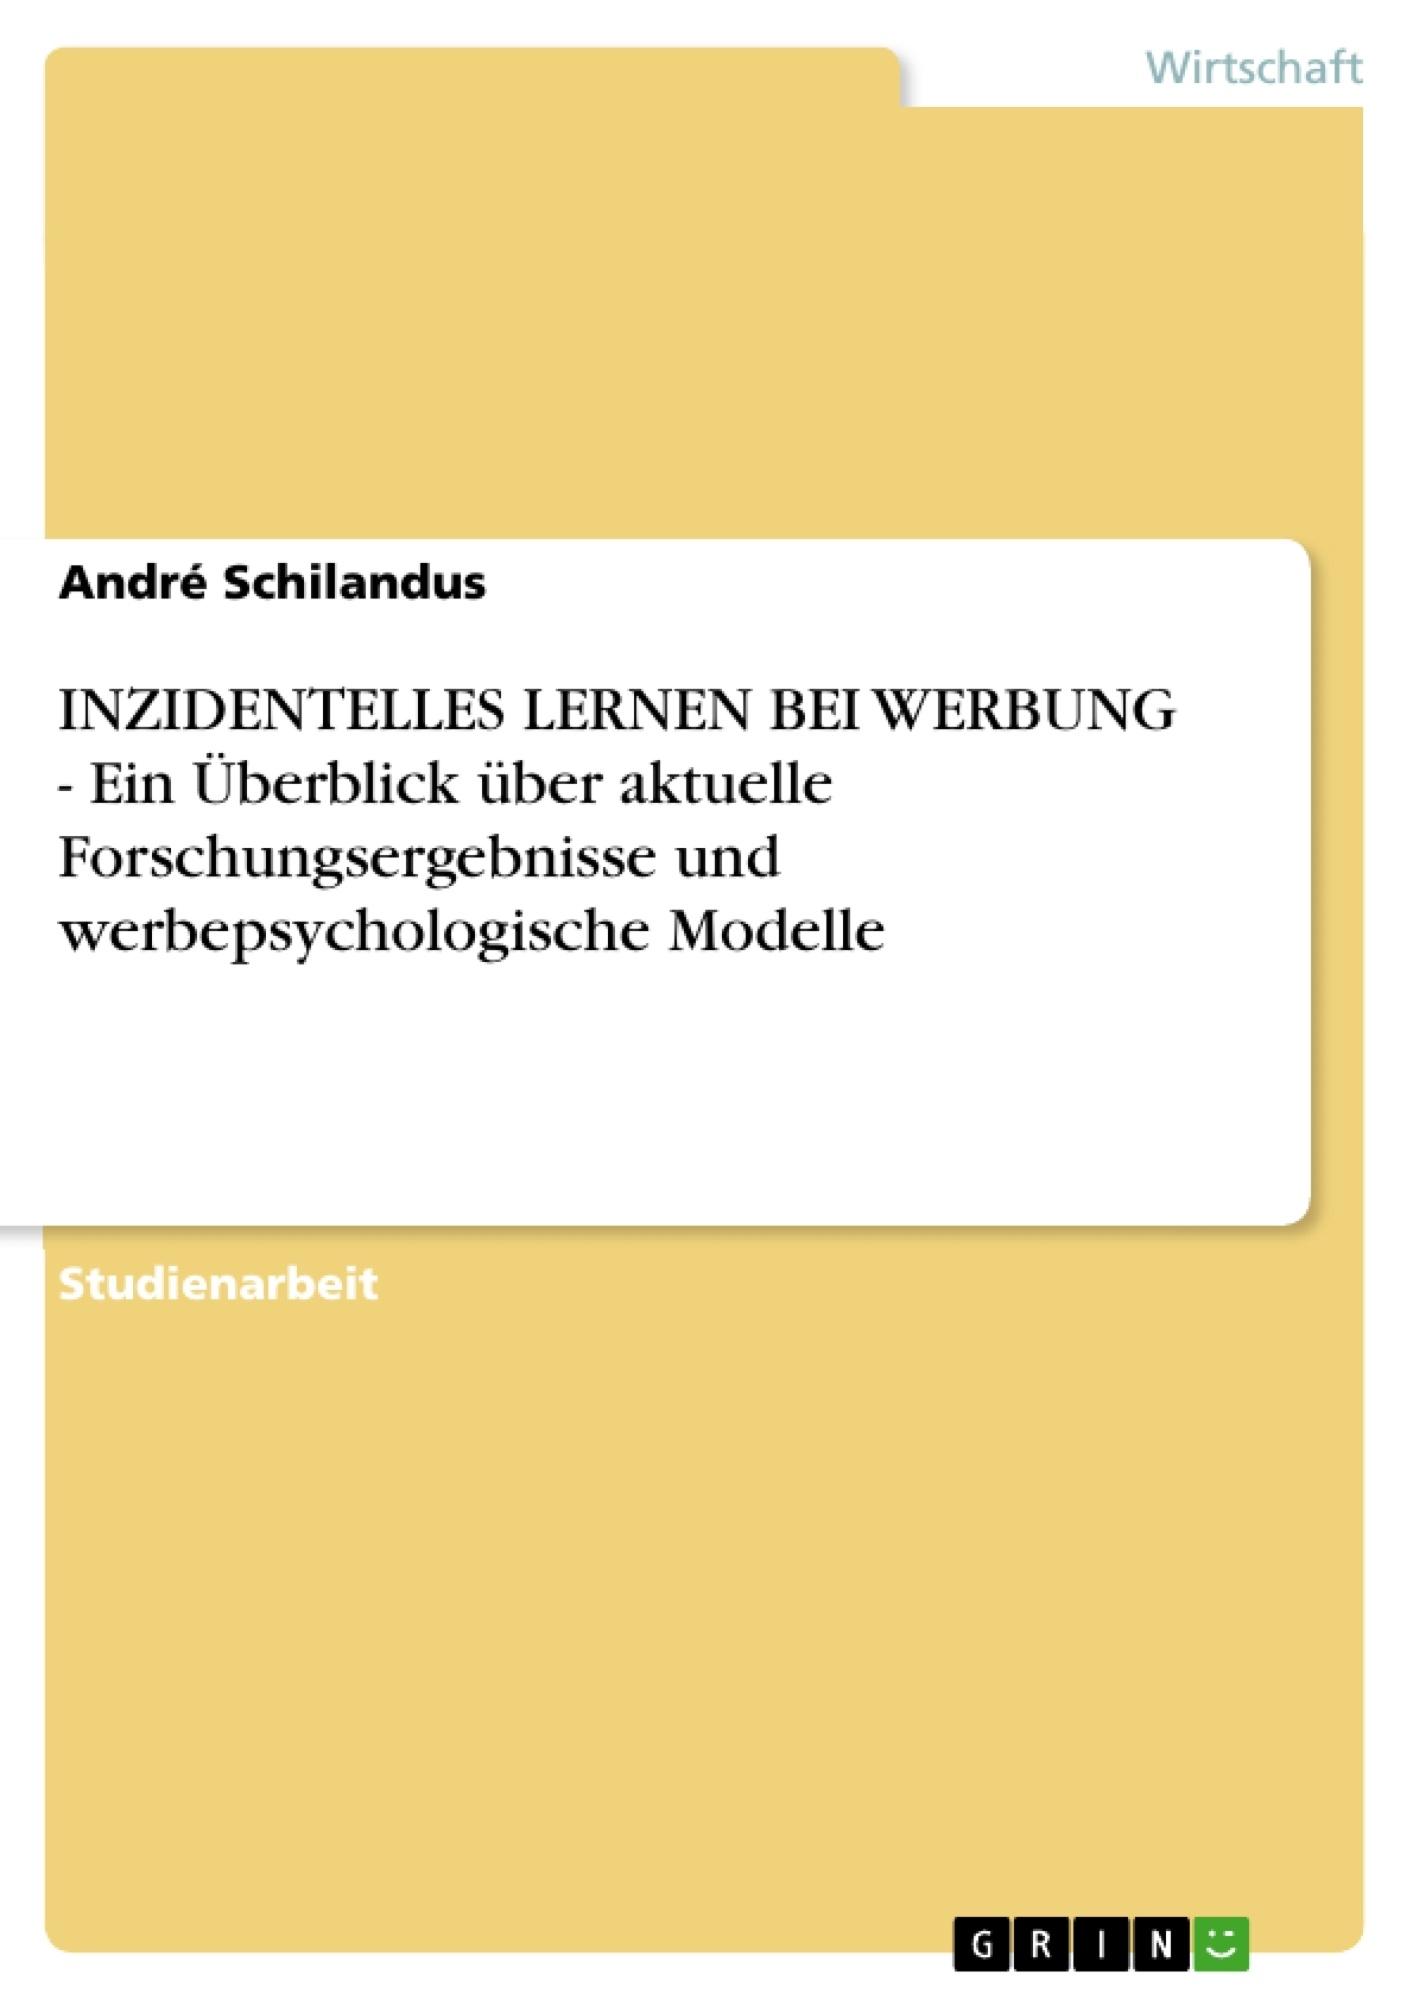 Titel: INZIDENTELLES LERNEN BEI WERBUNG - Ein Überblick über aktuelle Forschungsergebnisse und werbepsychologische Modelle